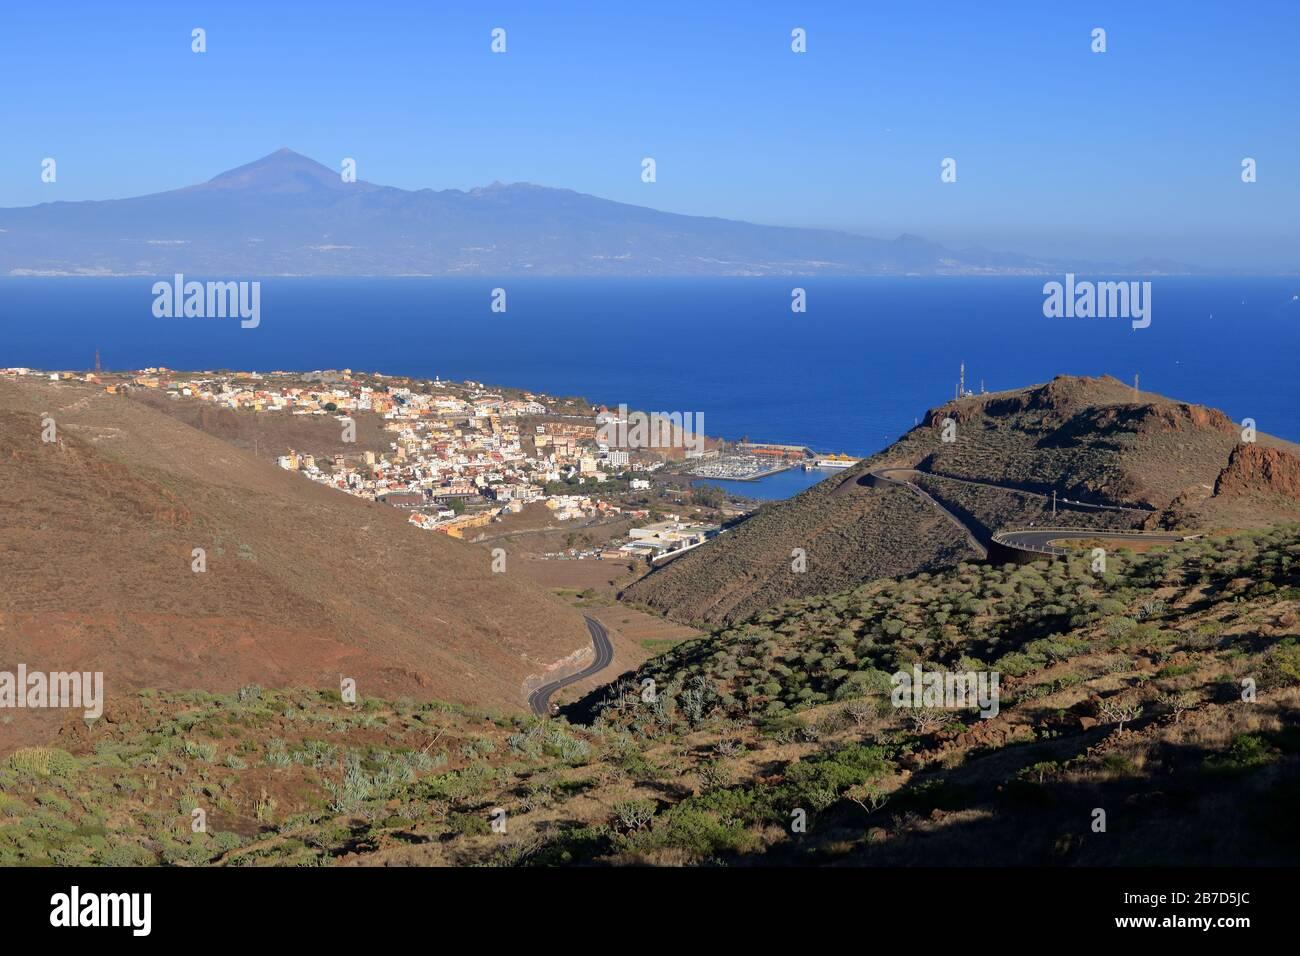 Allgemeiner Blick auf San Sebastian de la Gomera mit Teide Vulkan (auf der Insel Tenera) im Hintergrund, La Gomera in Spanien Stockfoto